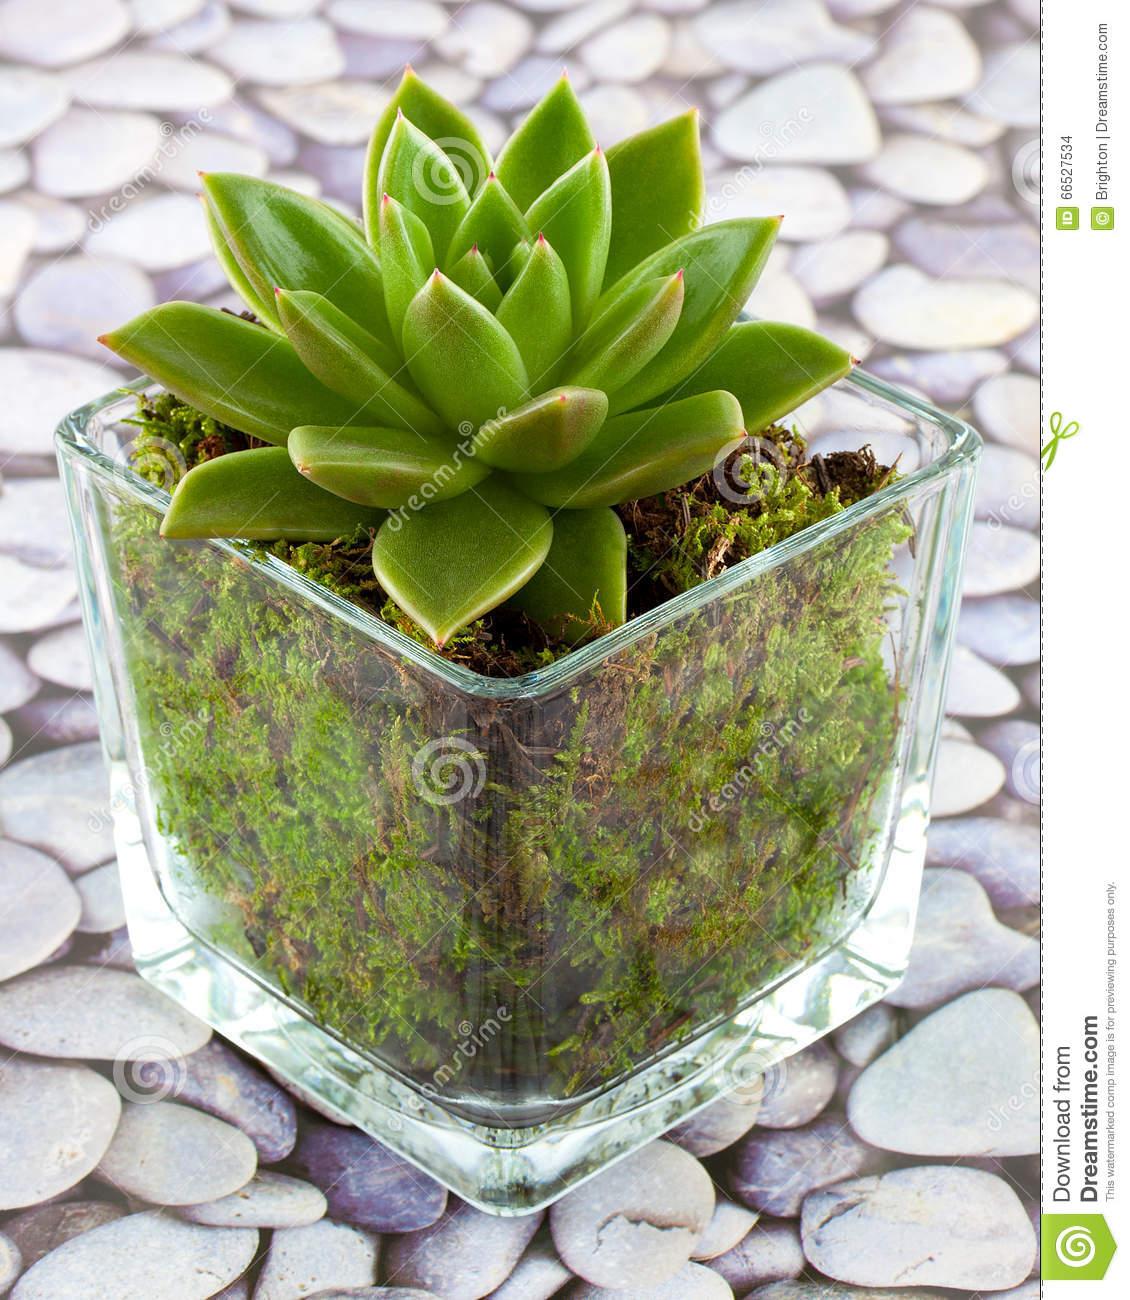 plante succulente d interieur l 39 atelier des fleurs. Black Bedroom Furniture Sets. Home Design Ideas